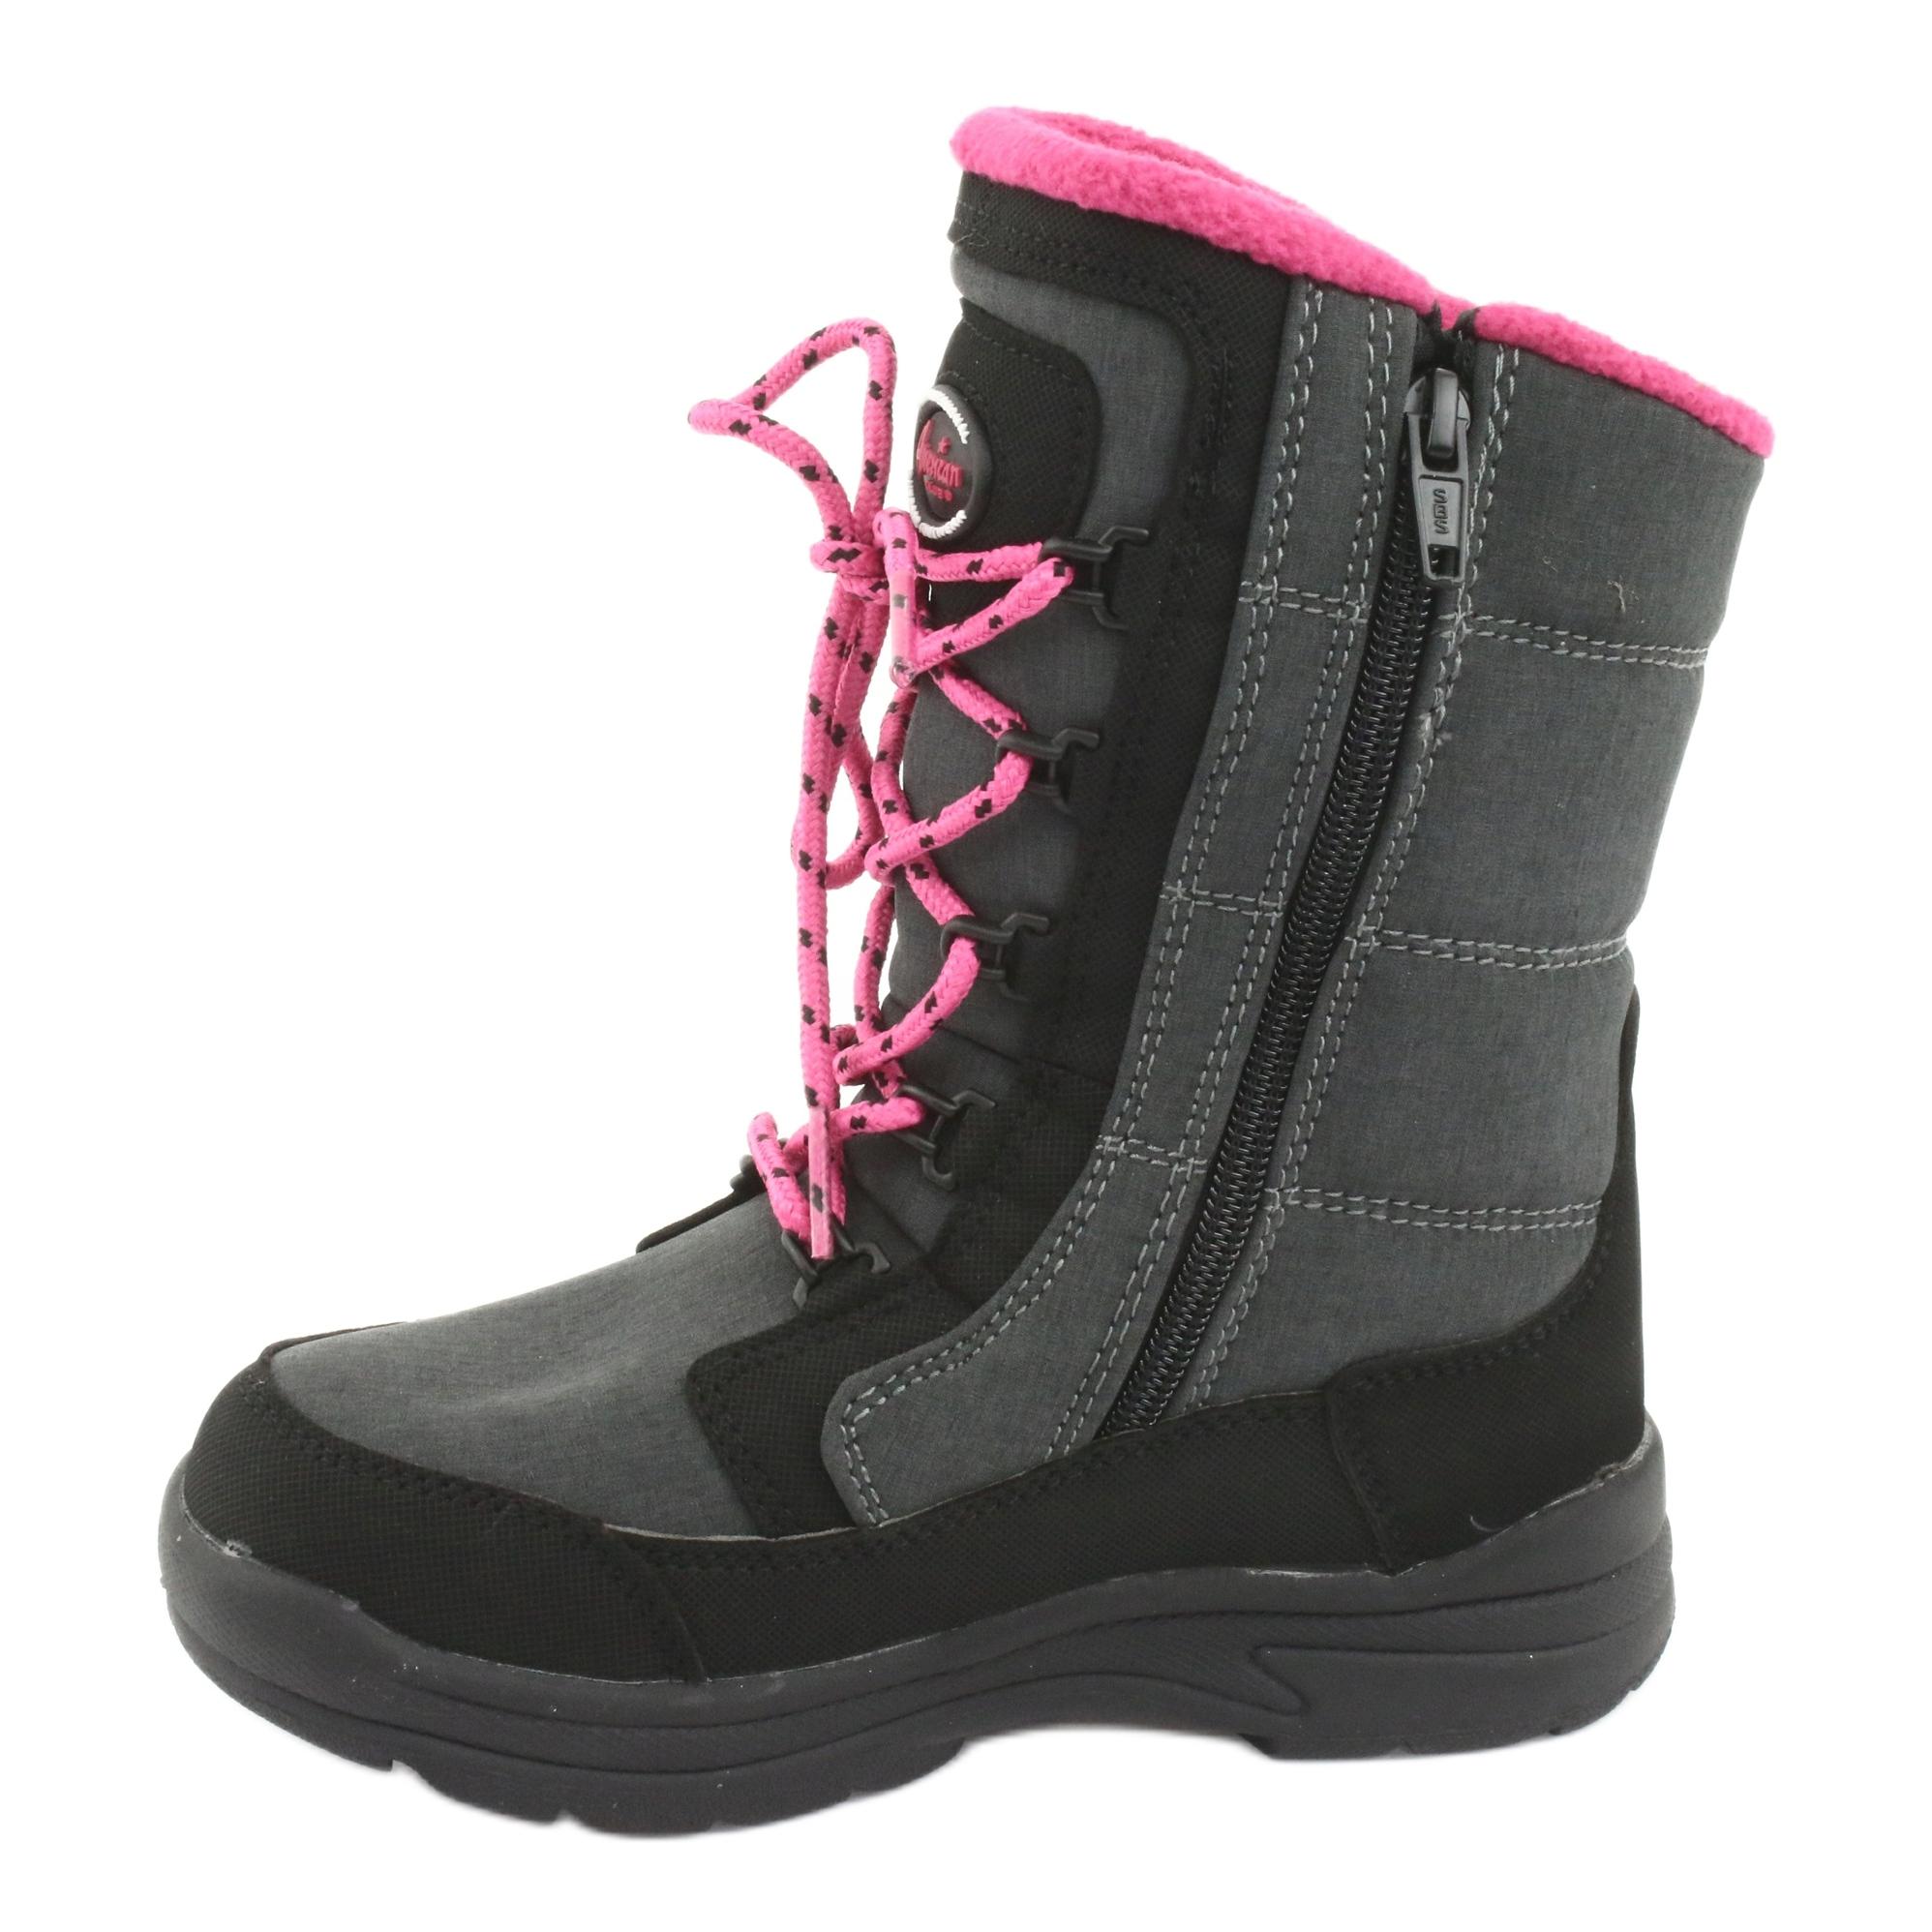 miniatura 3 - Stivali da neve con membrana American club SN13 grigia nero rosa grigio